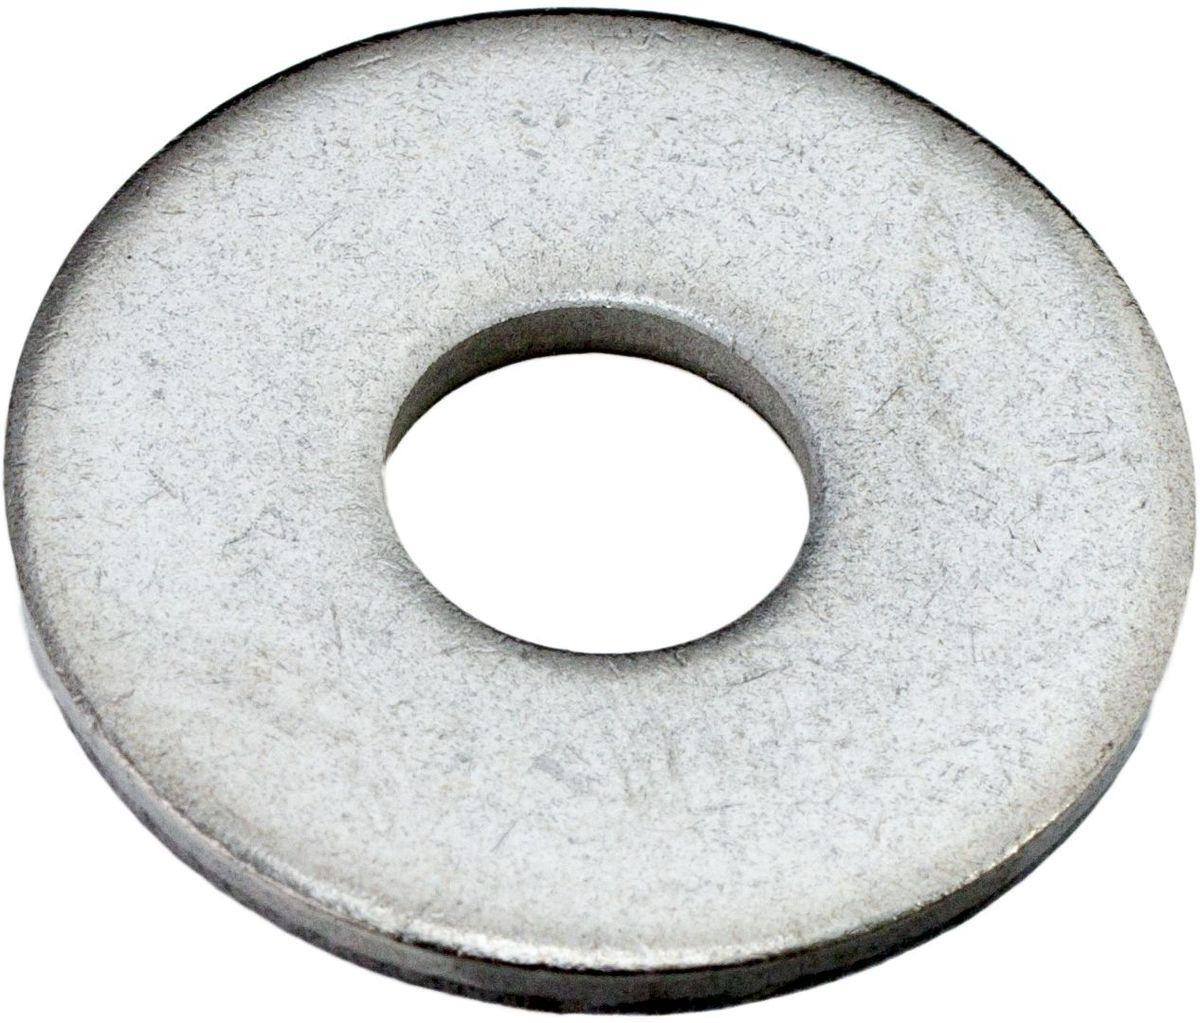 Шайба Стройбат, оцинкованная, кузовная, DIN 9021, 5 мм, 20 шт увеличенная шайба качественный крепеж плоская din 9021 м10 80 шт 0300967 кч